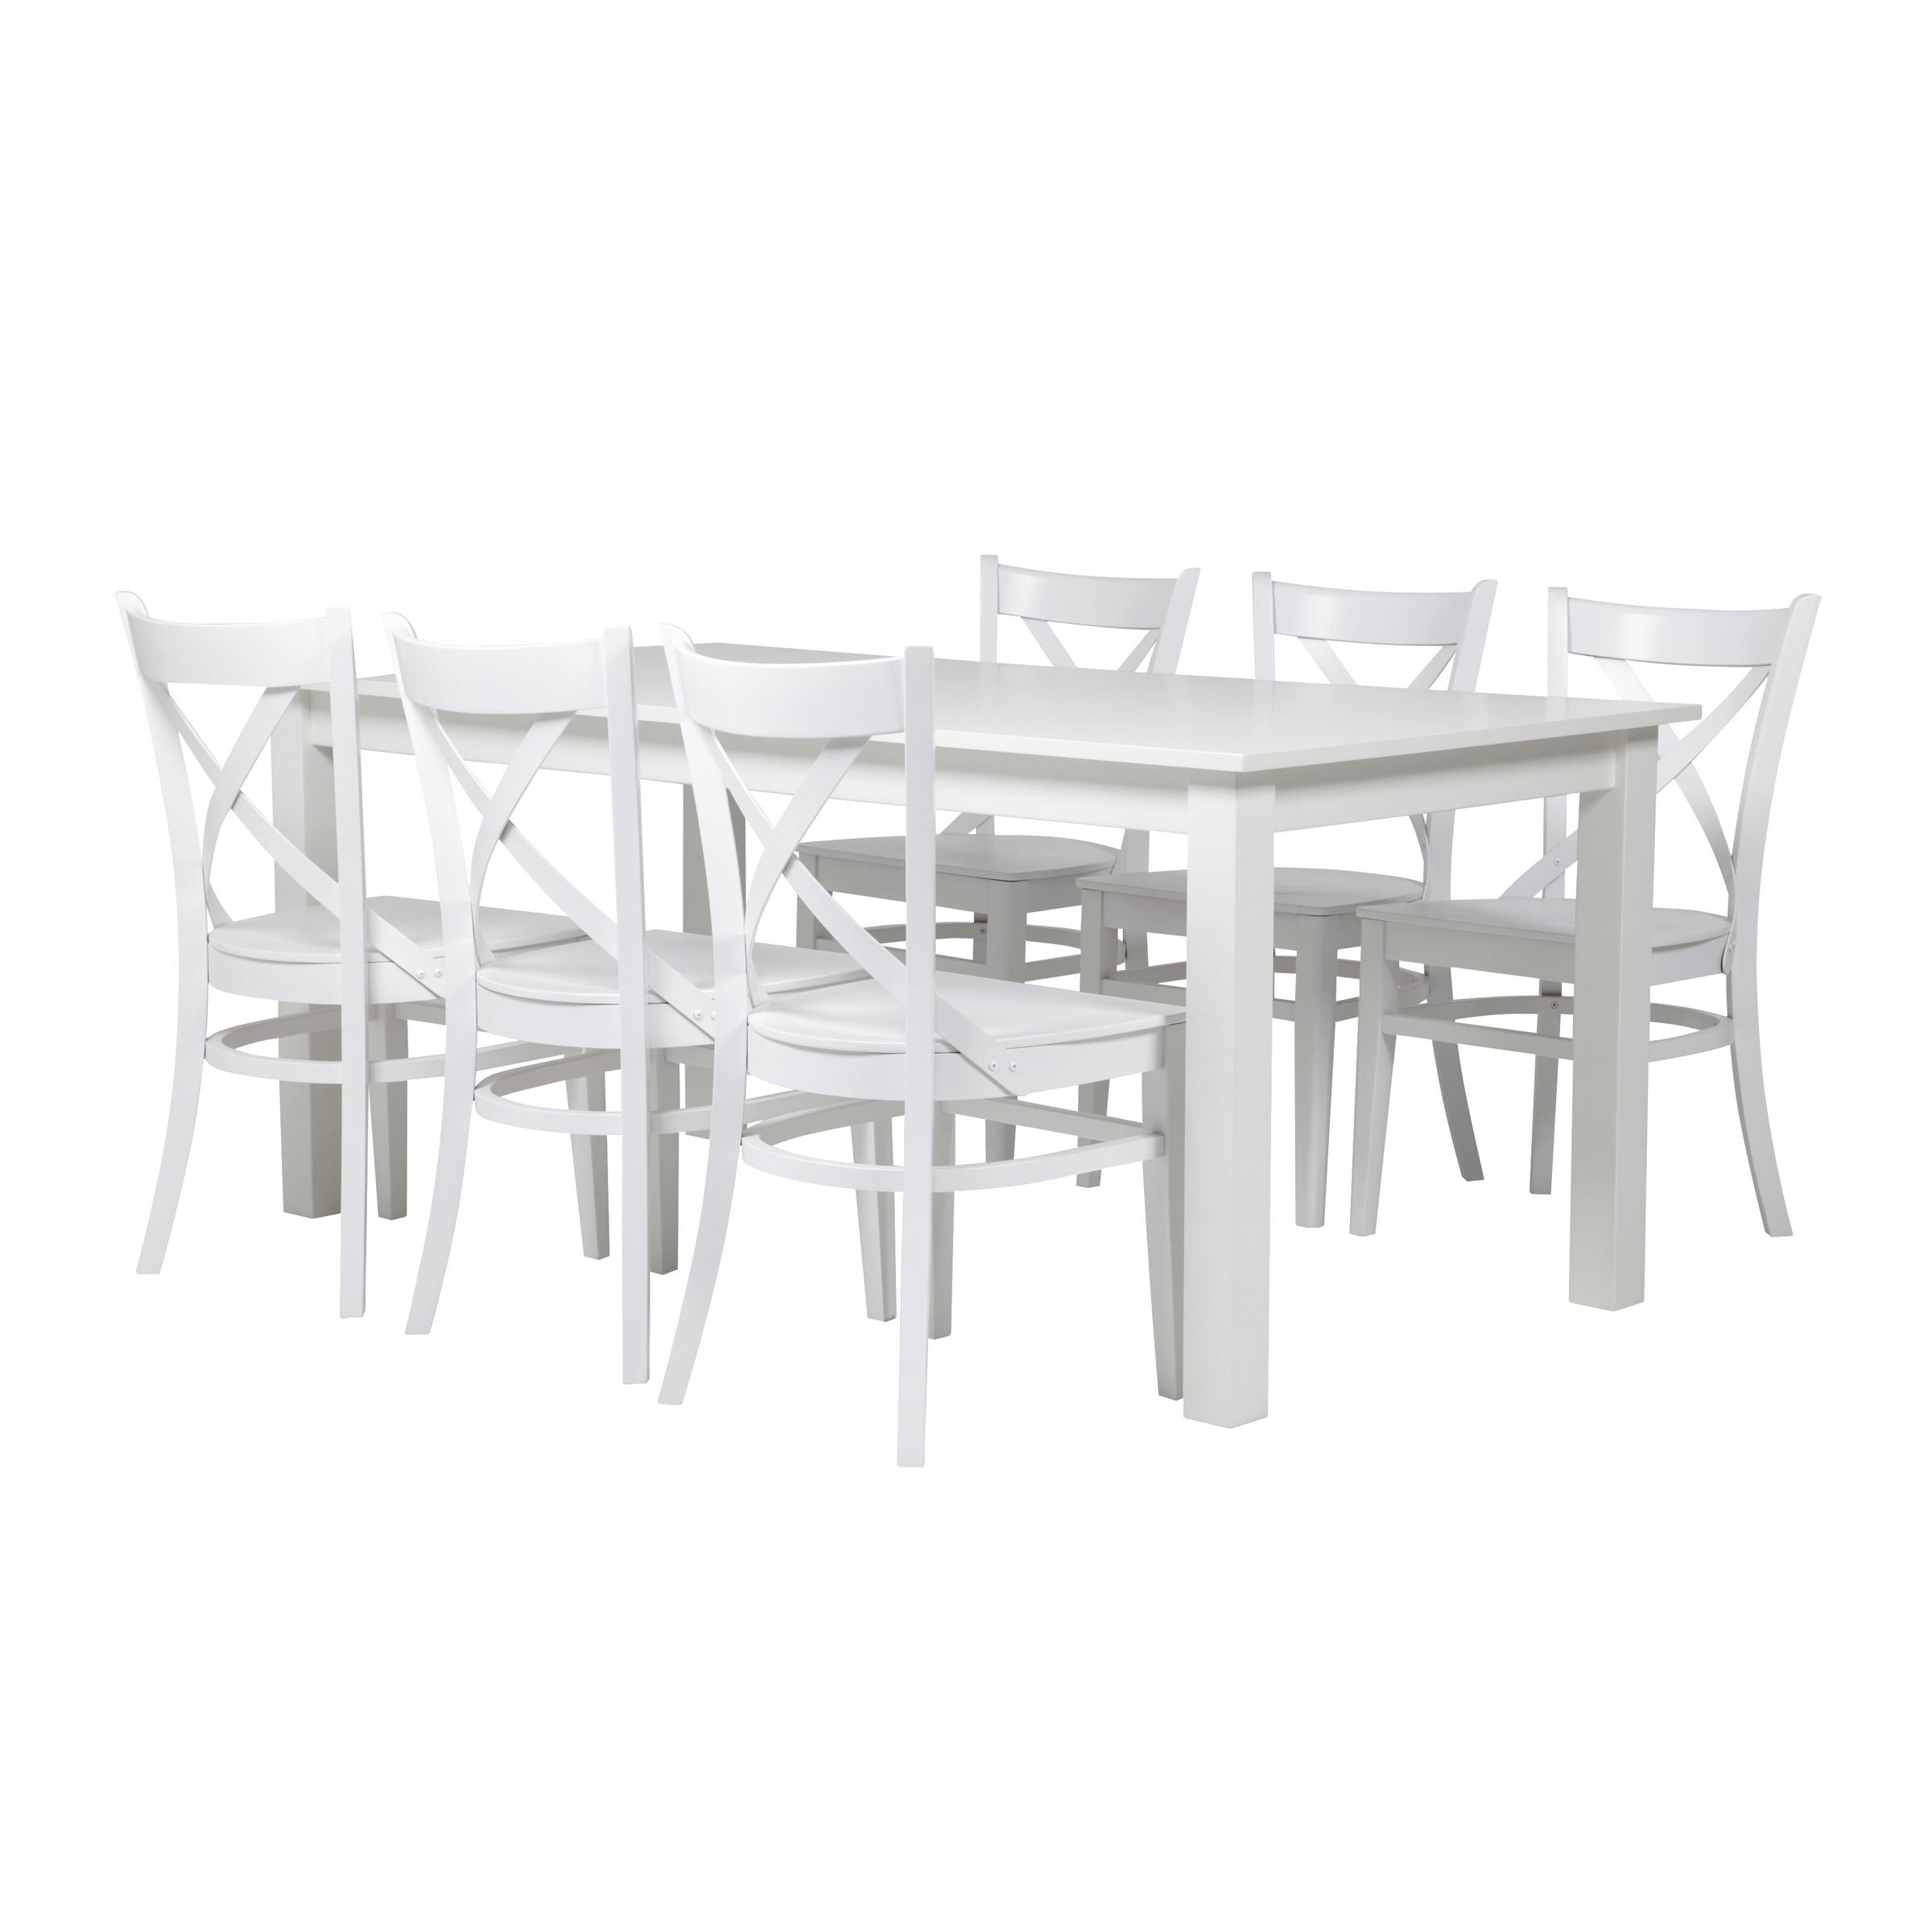 valkoinen lankku ruokapöytä